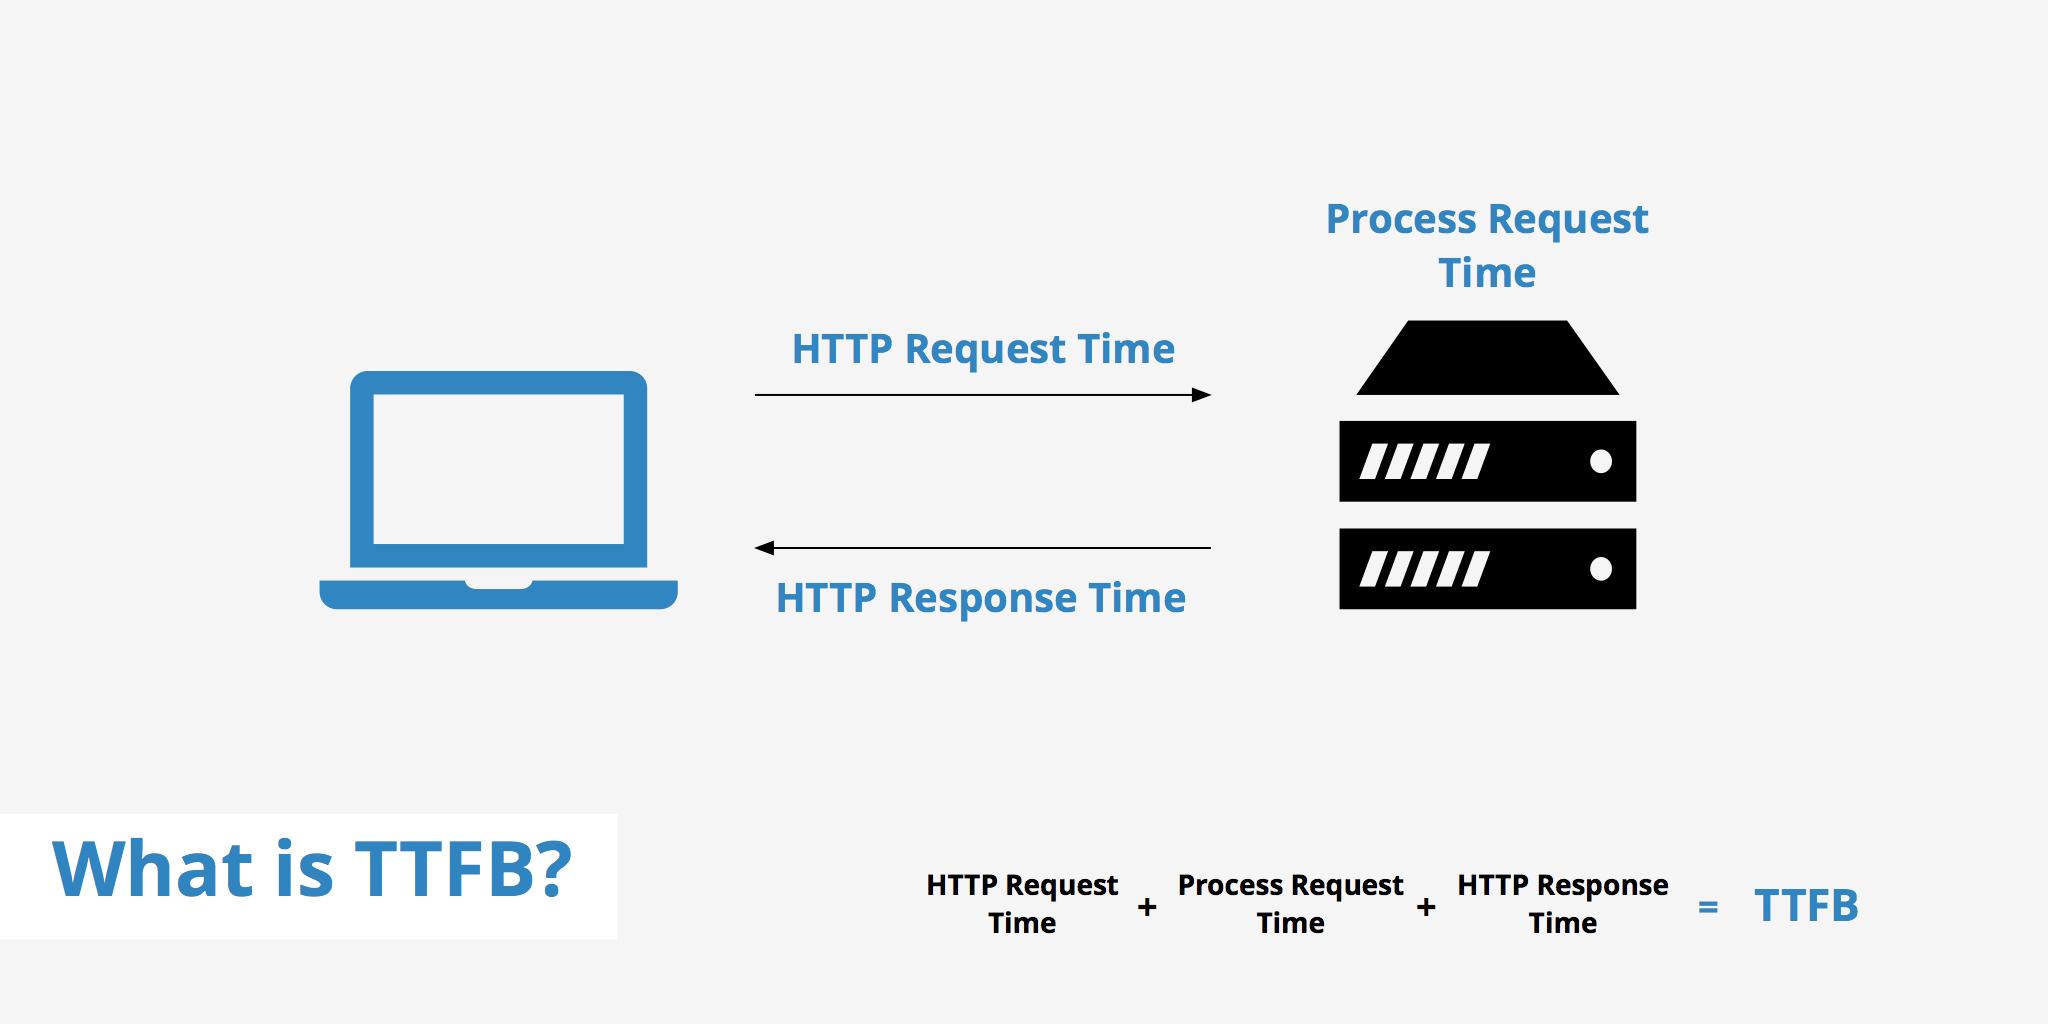 Cosa rappresenta il TTFB?